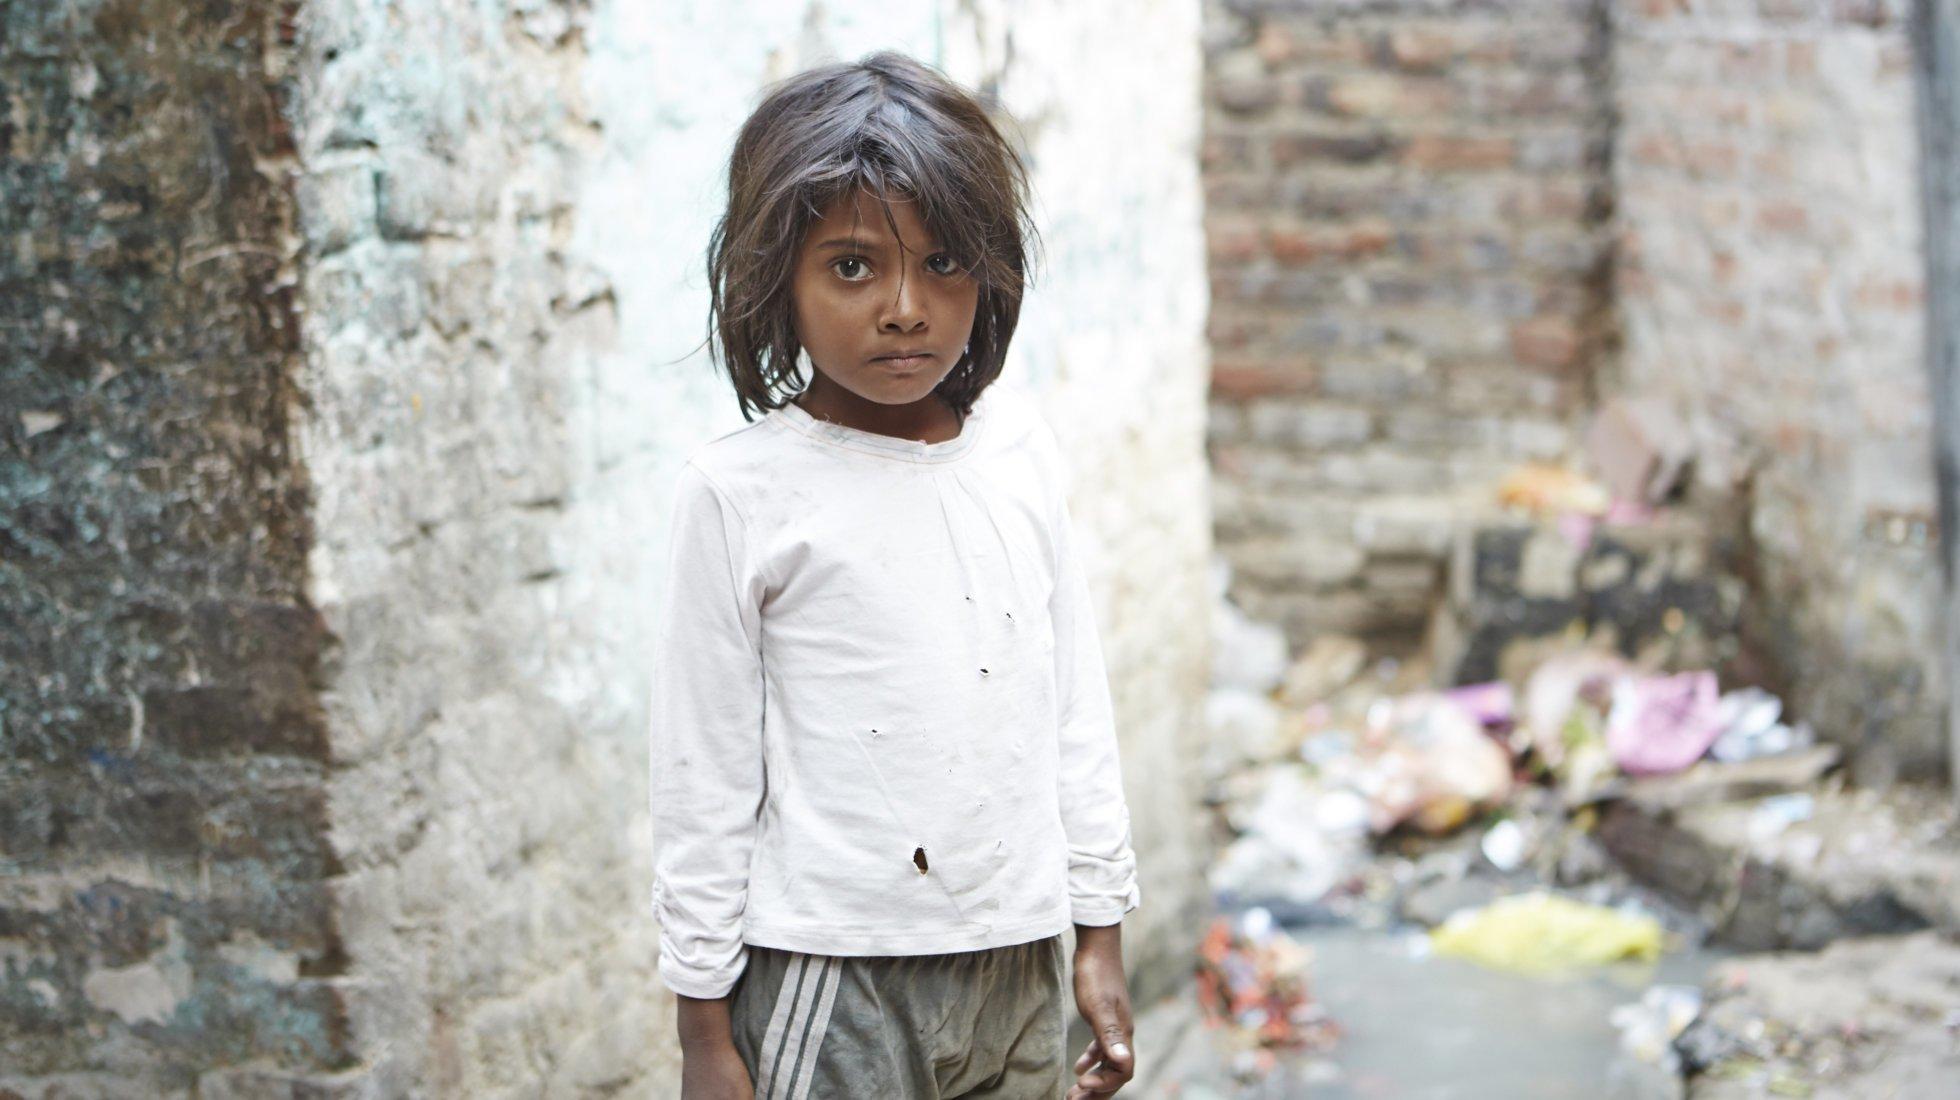 Un bambino è in piedi in un vicolo delle baraccopoli di Delhi. Dietro di lui cumuli di spazzatura.